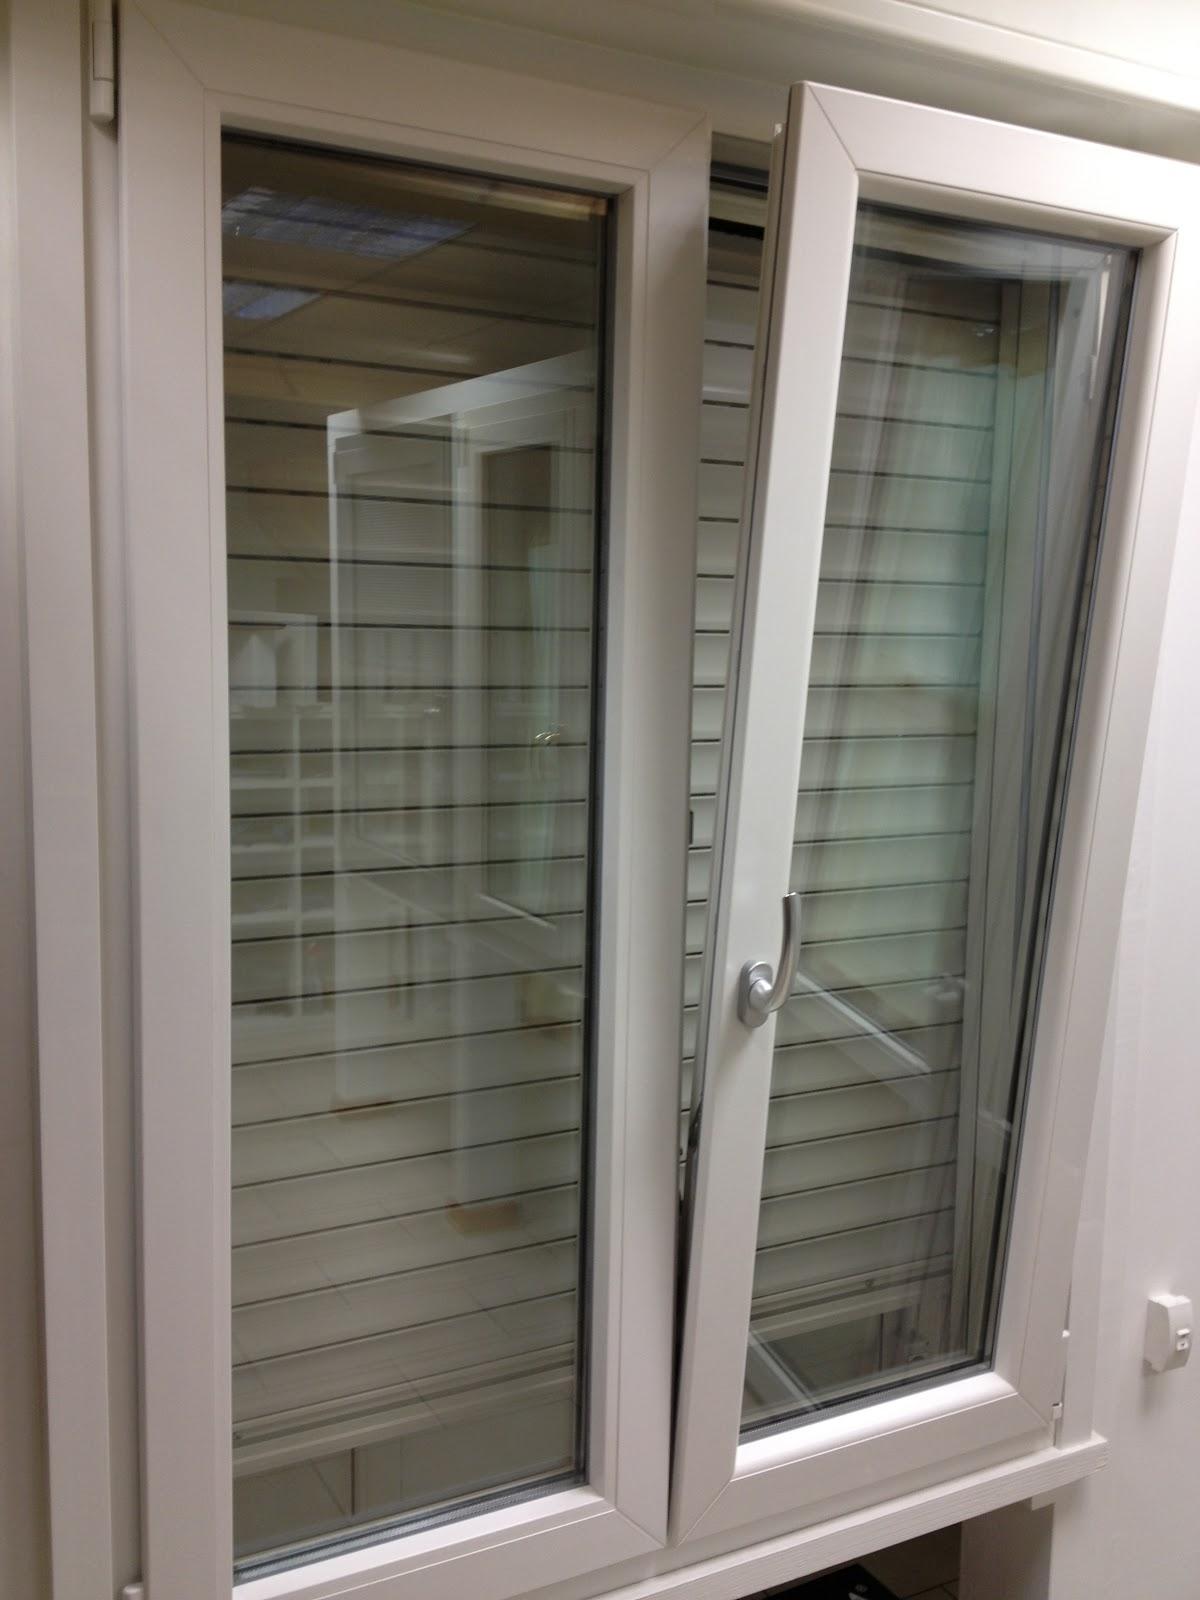 Alluminia house s r l - Condensa su finestre in alluminio ...